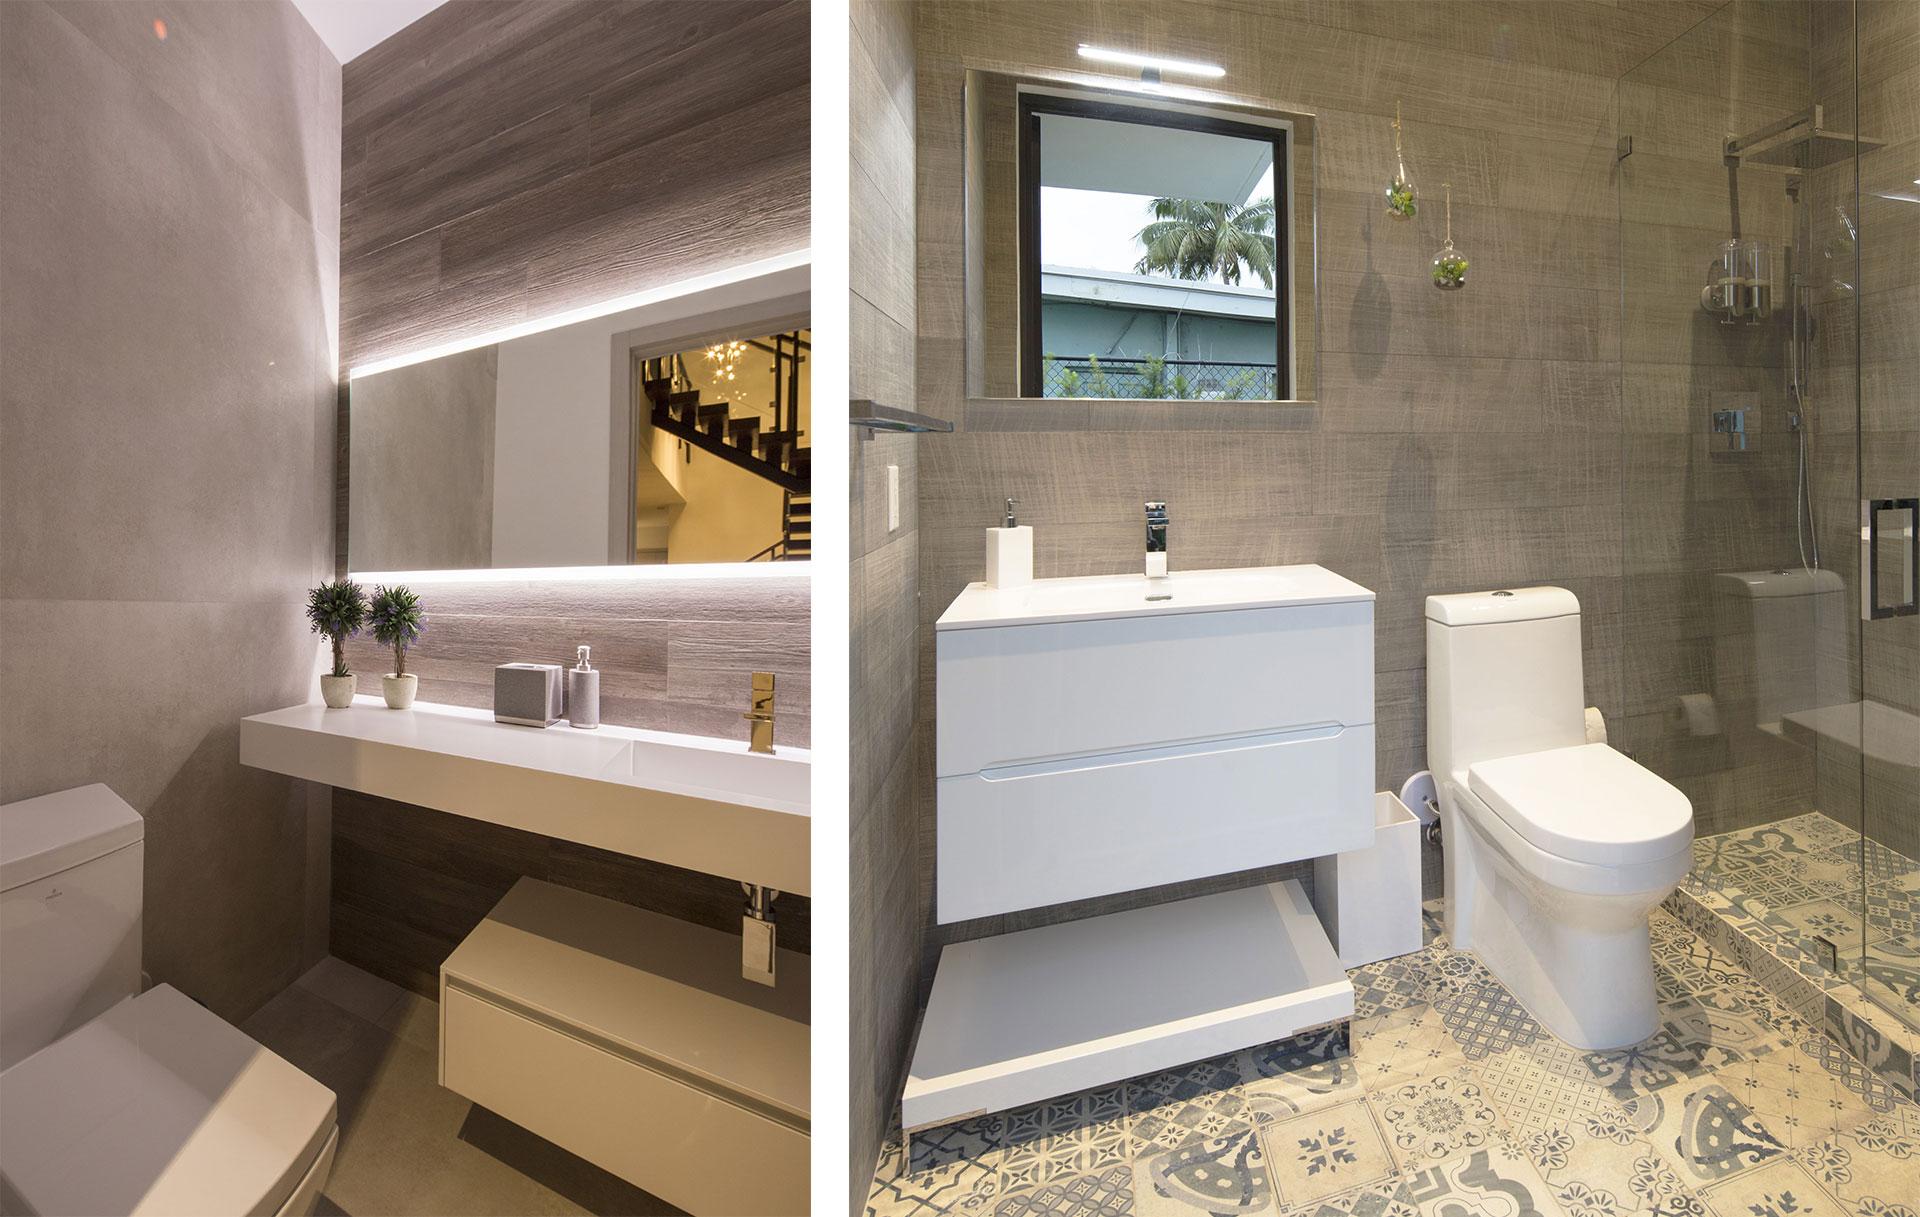 Bathroom Front View Interior Design project in North Miami Beach, Florida